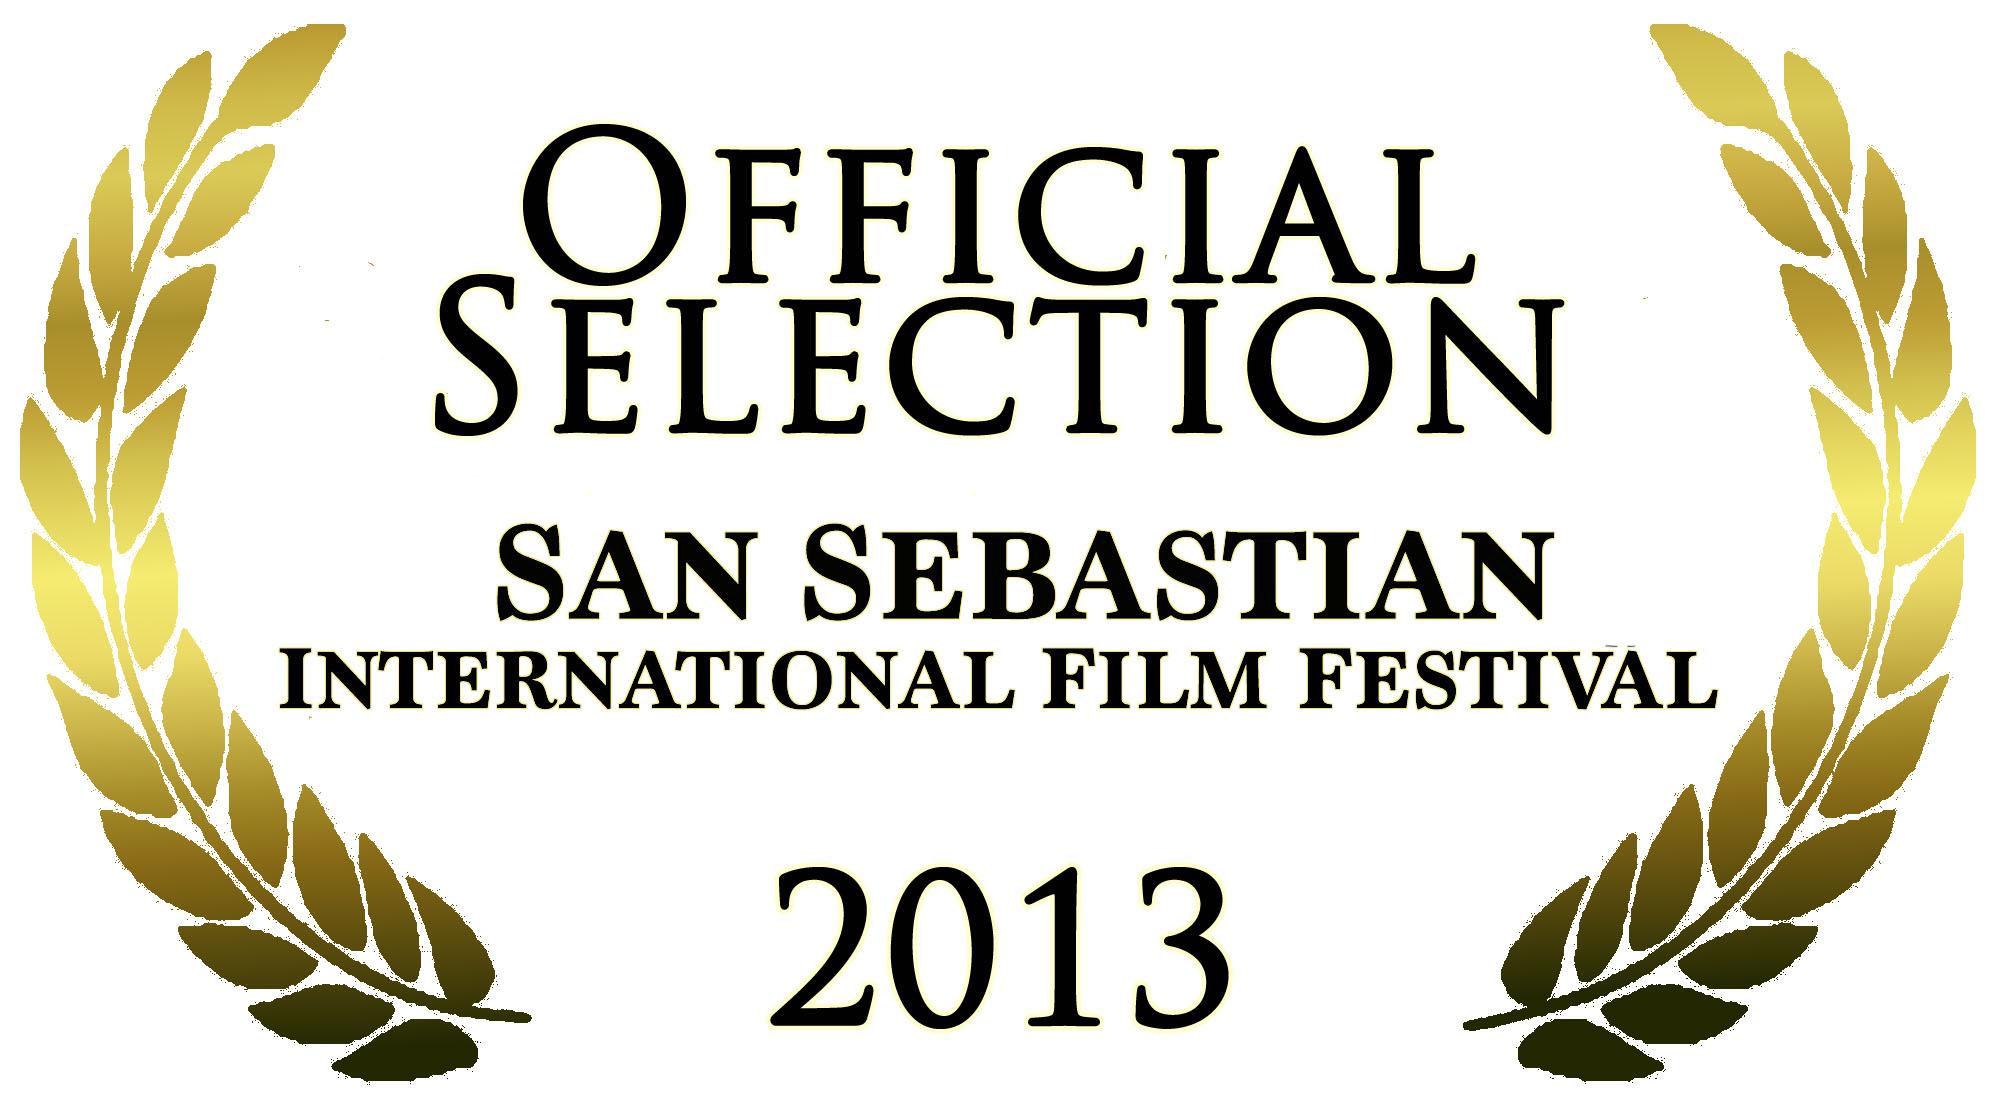 SSFF_Official-Selection-Laurel-2013.jpg